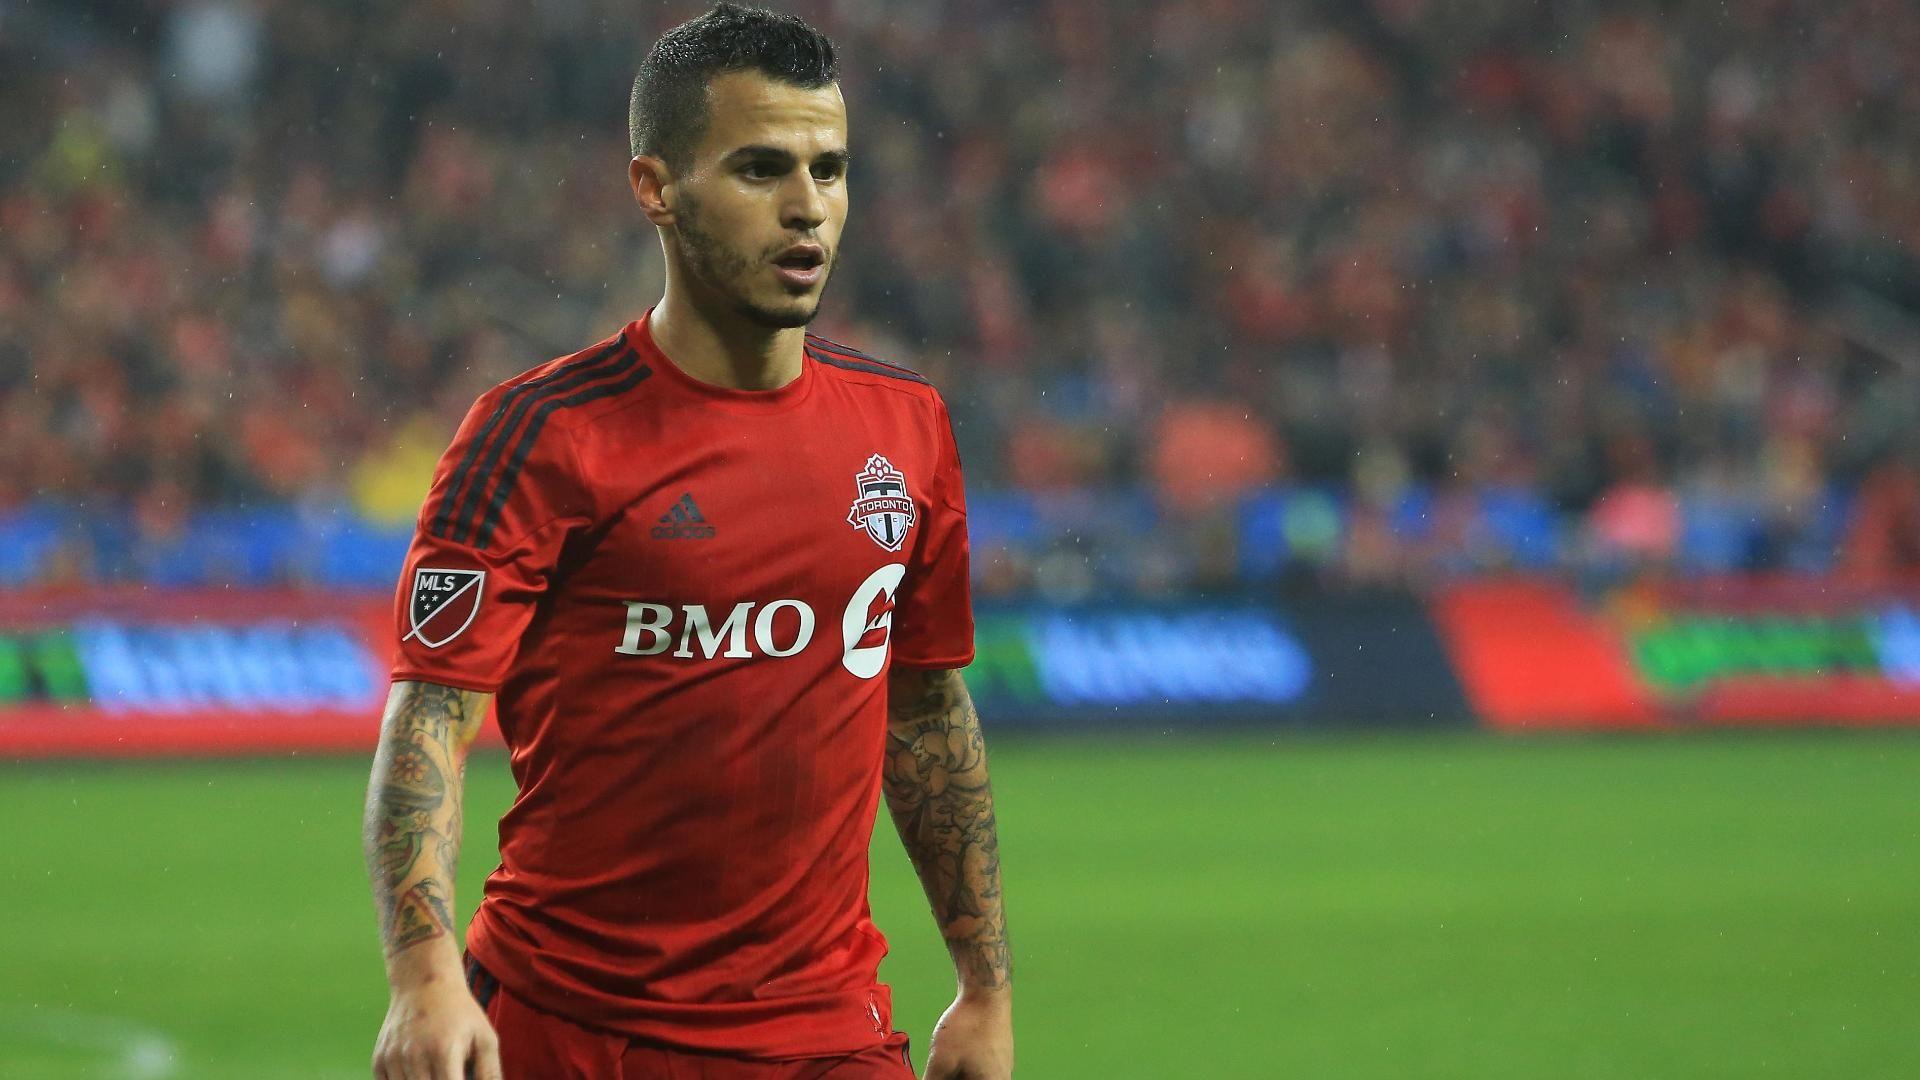 Video via MLS: RSL 0-0 Toronto FC